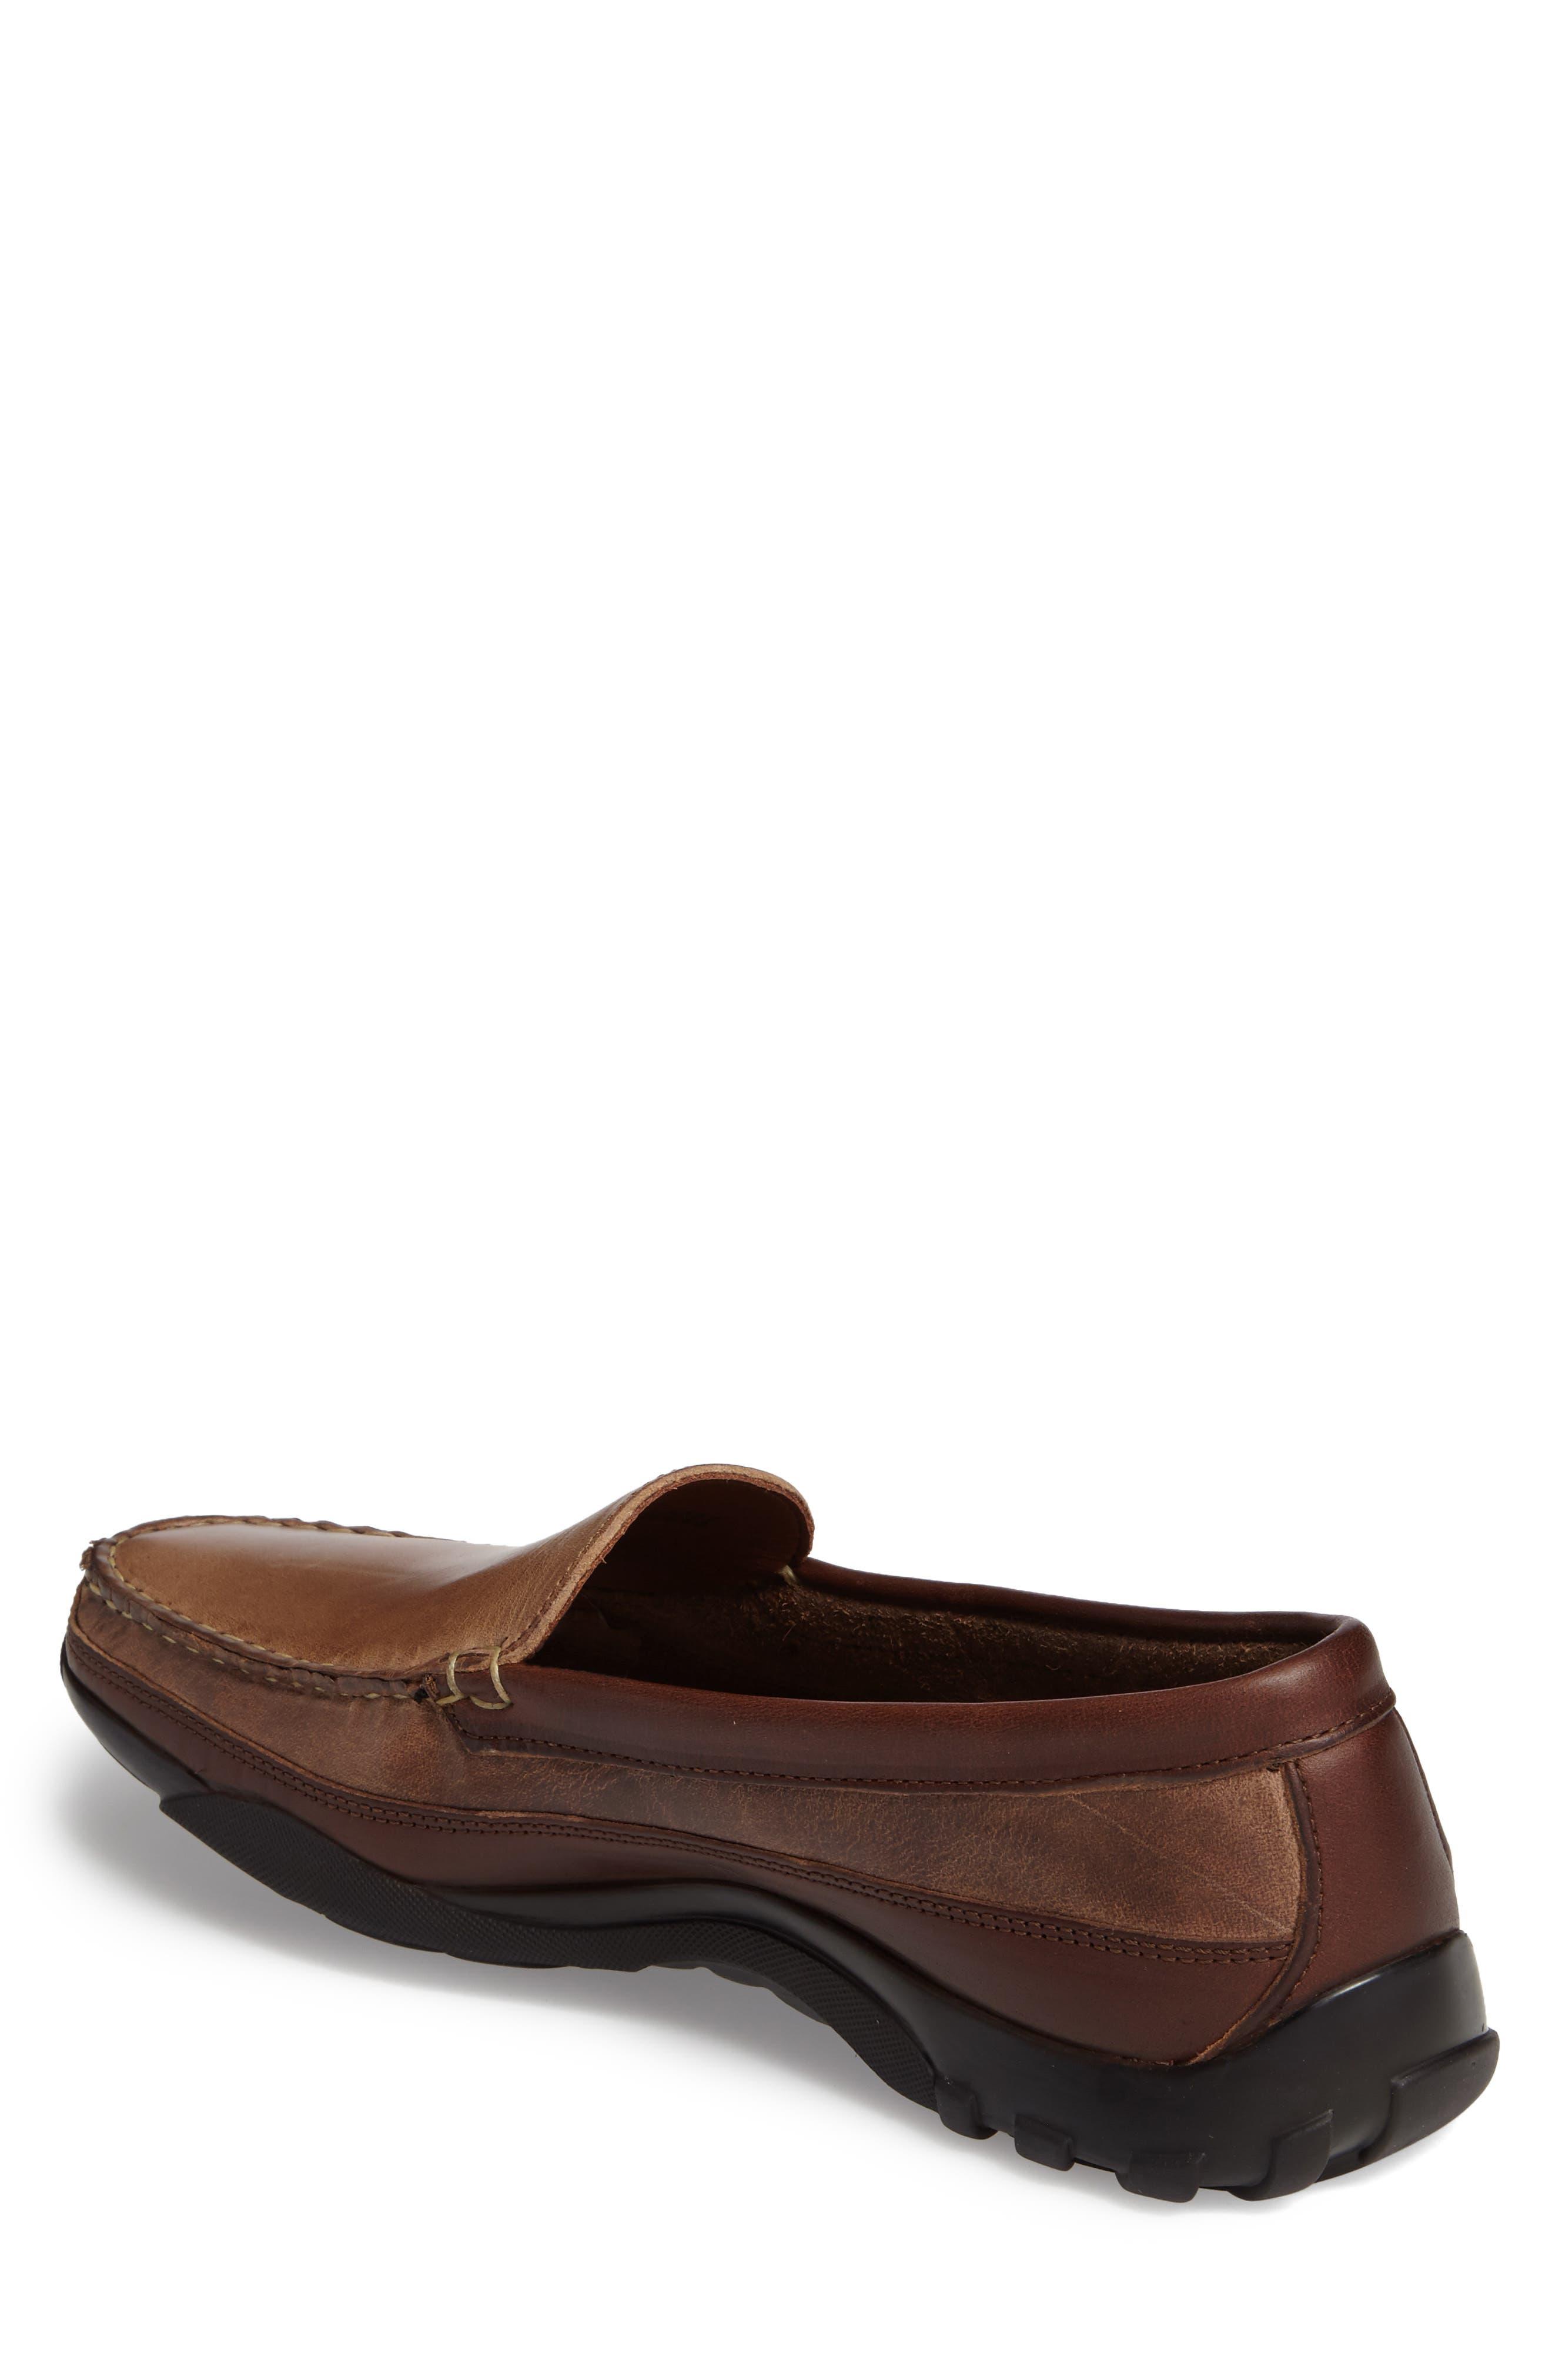 Alternate Image 2  - Allen Edmonds 'Boulder' Driving Loafer (Men)